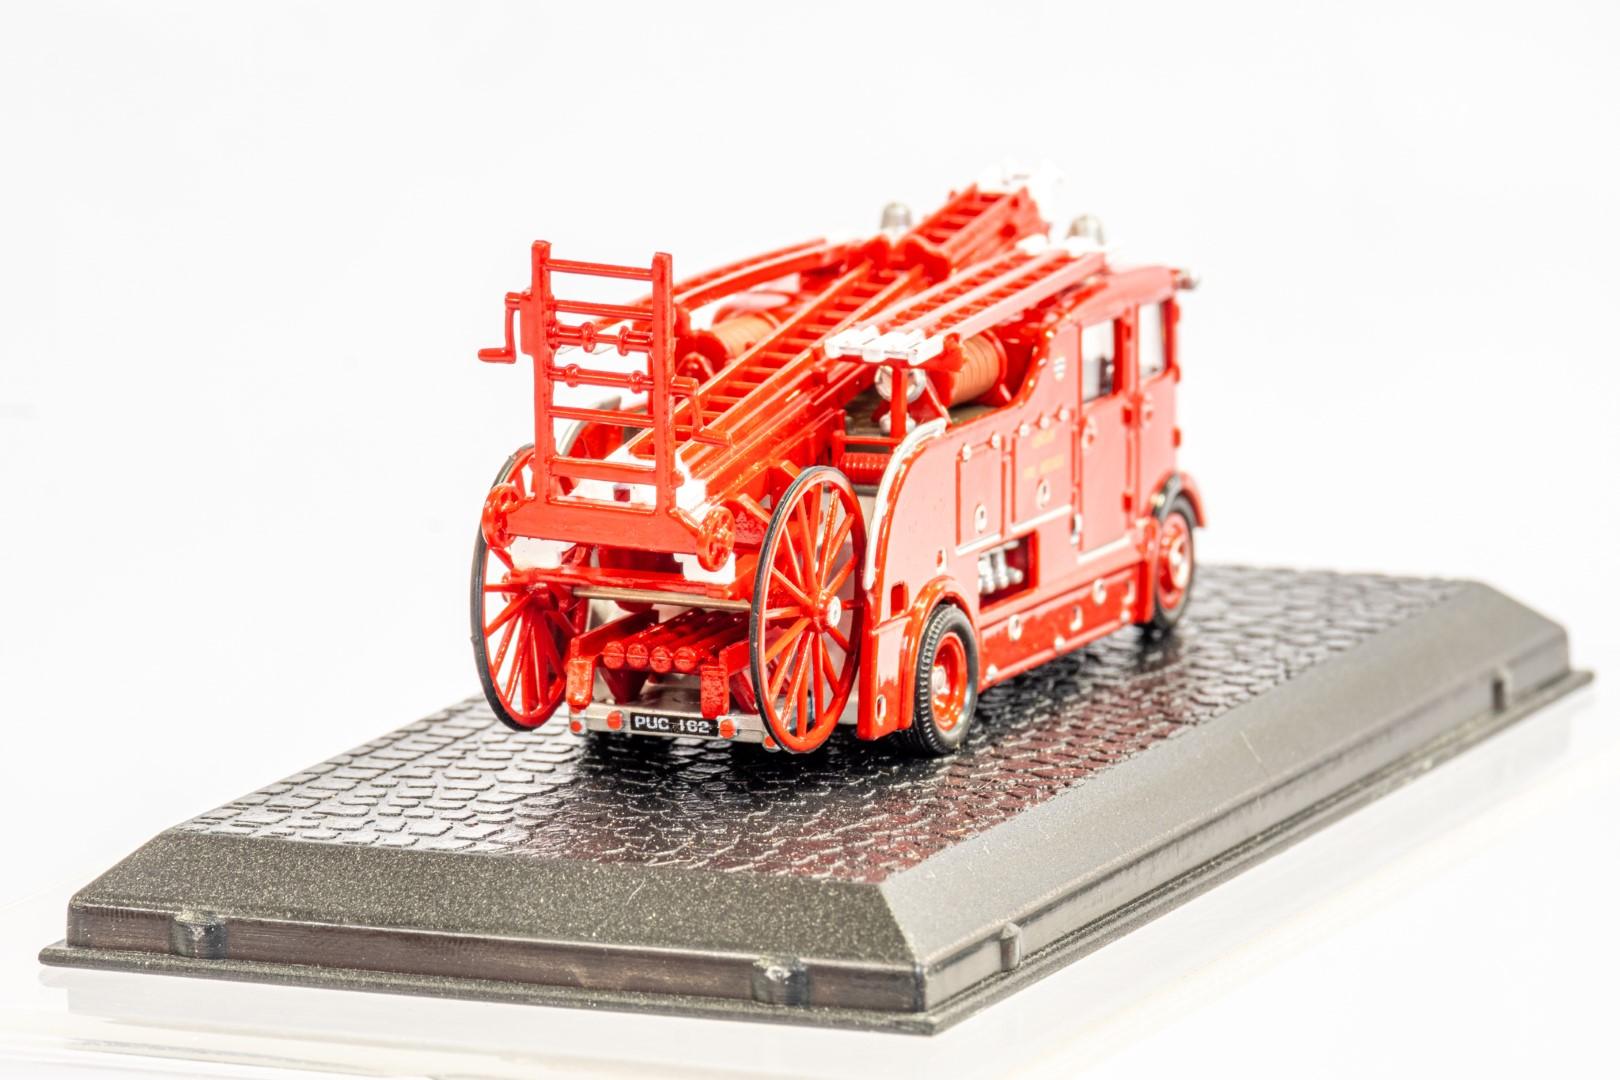 Lledo & Atlas AEC Regent III Fire Engine & Herts Fire Brigade - Image 5 of 11